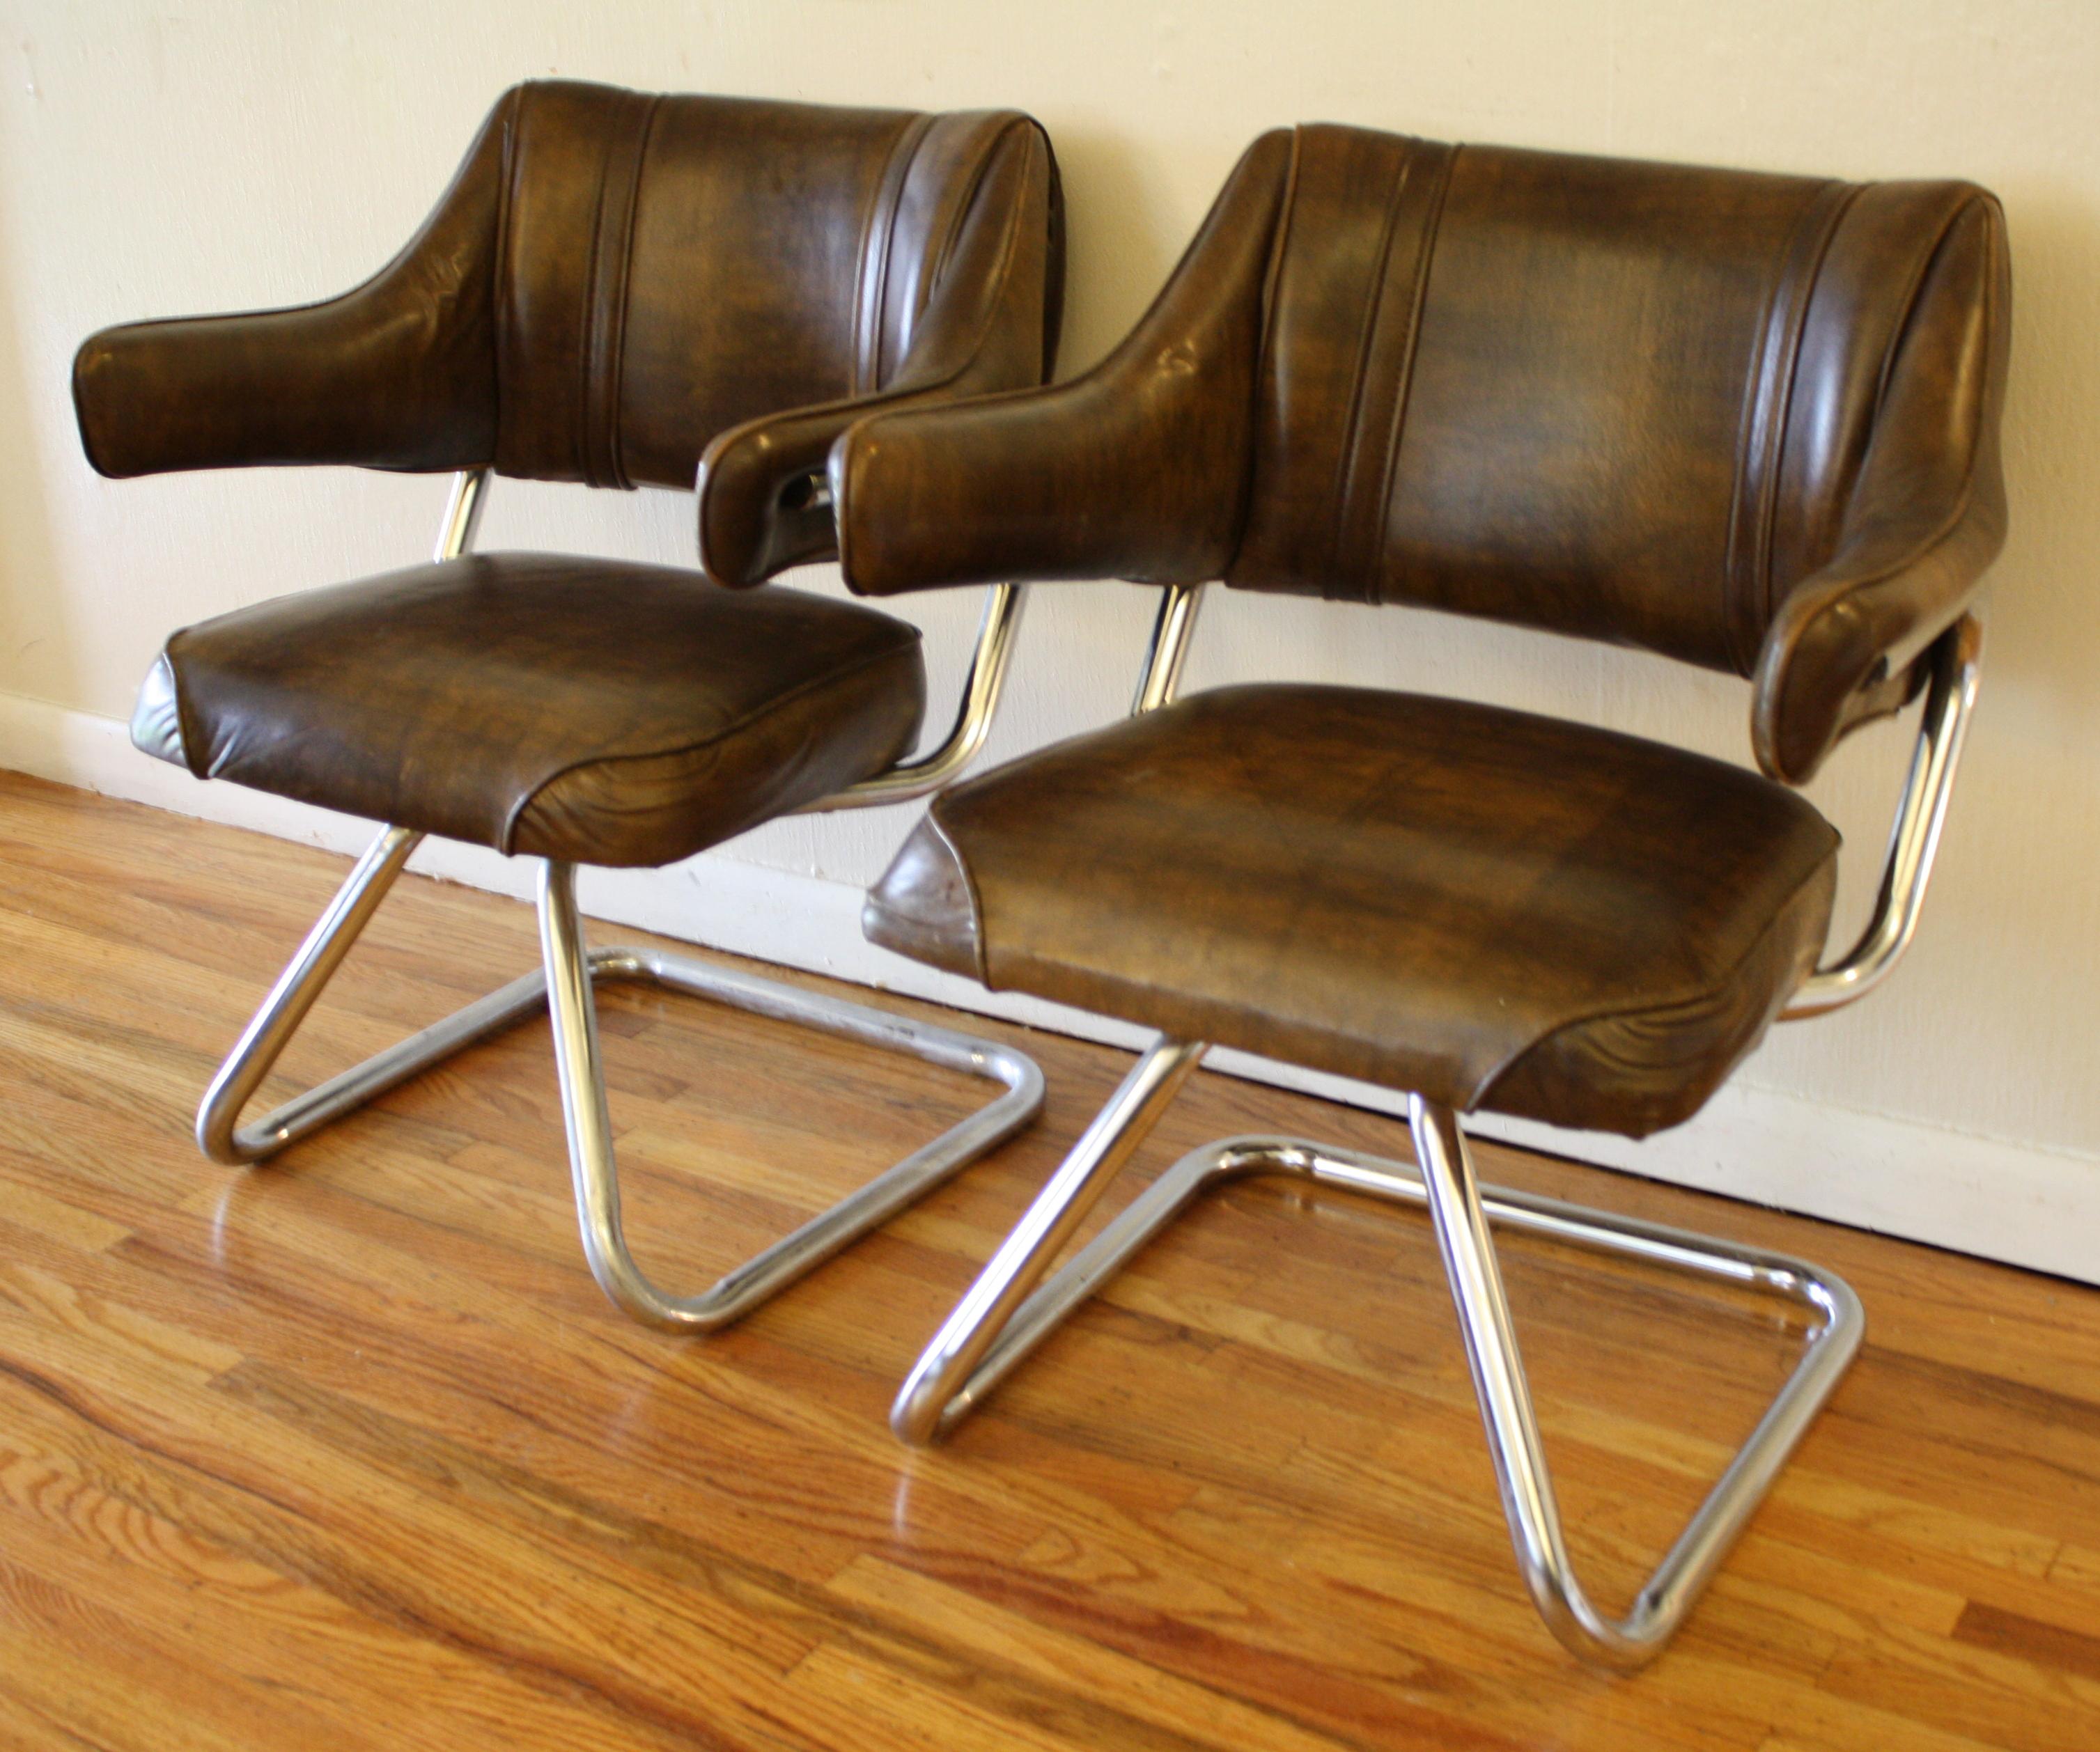 Beau Retro Chrome Chairs 1